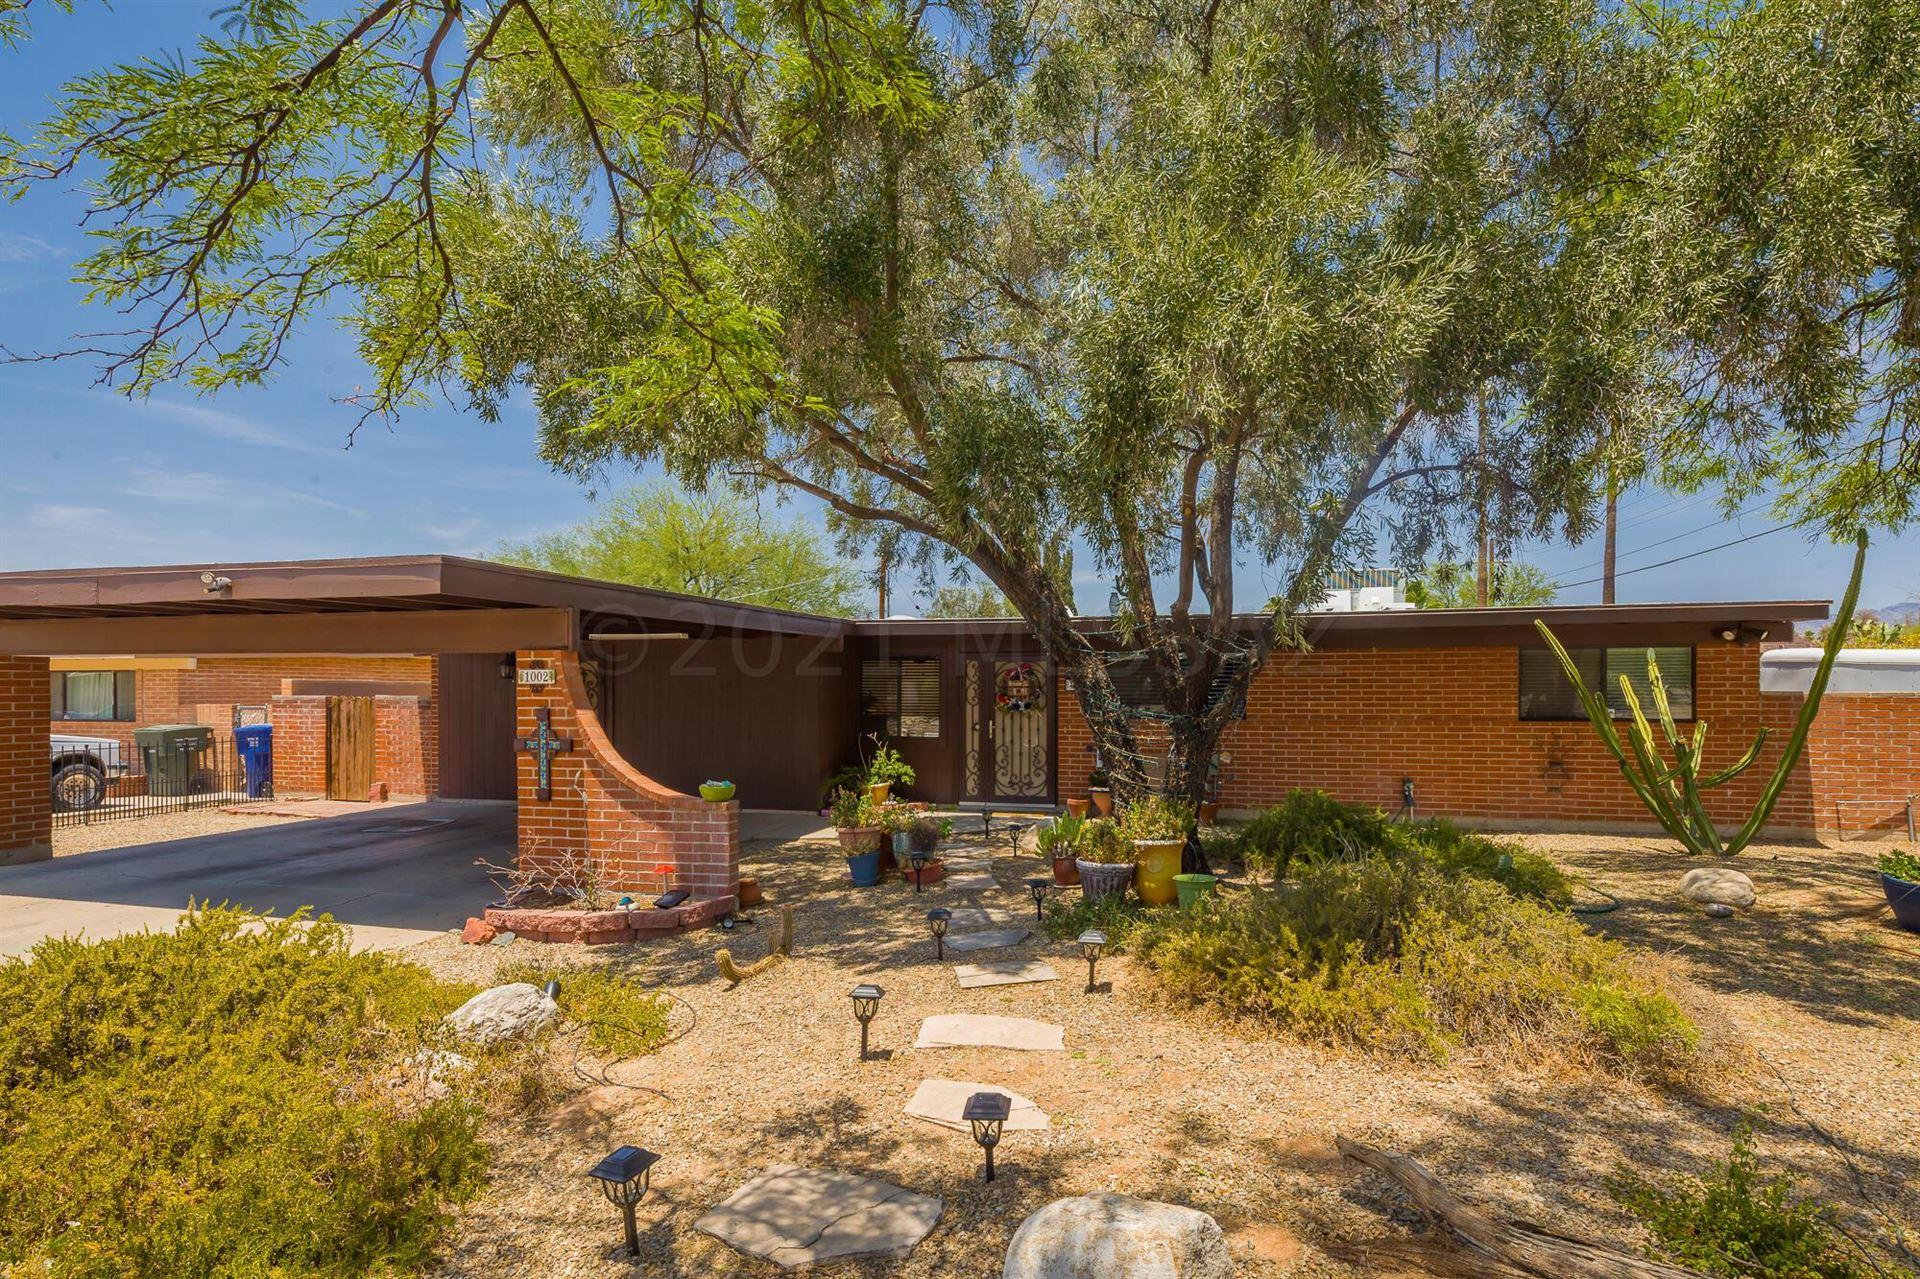 1002 S Seco Place, Tucson, AZ 85710 - MLS#: 22114628